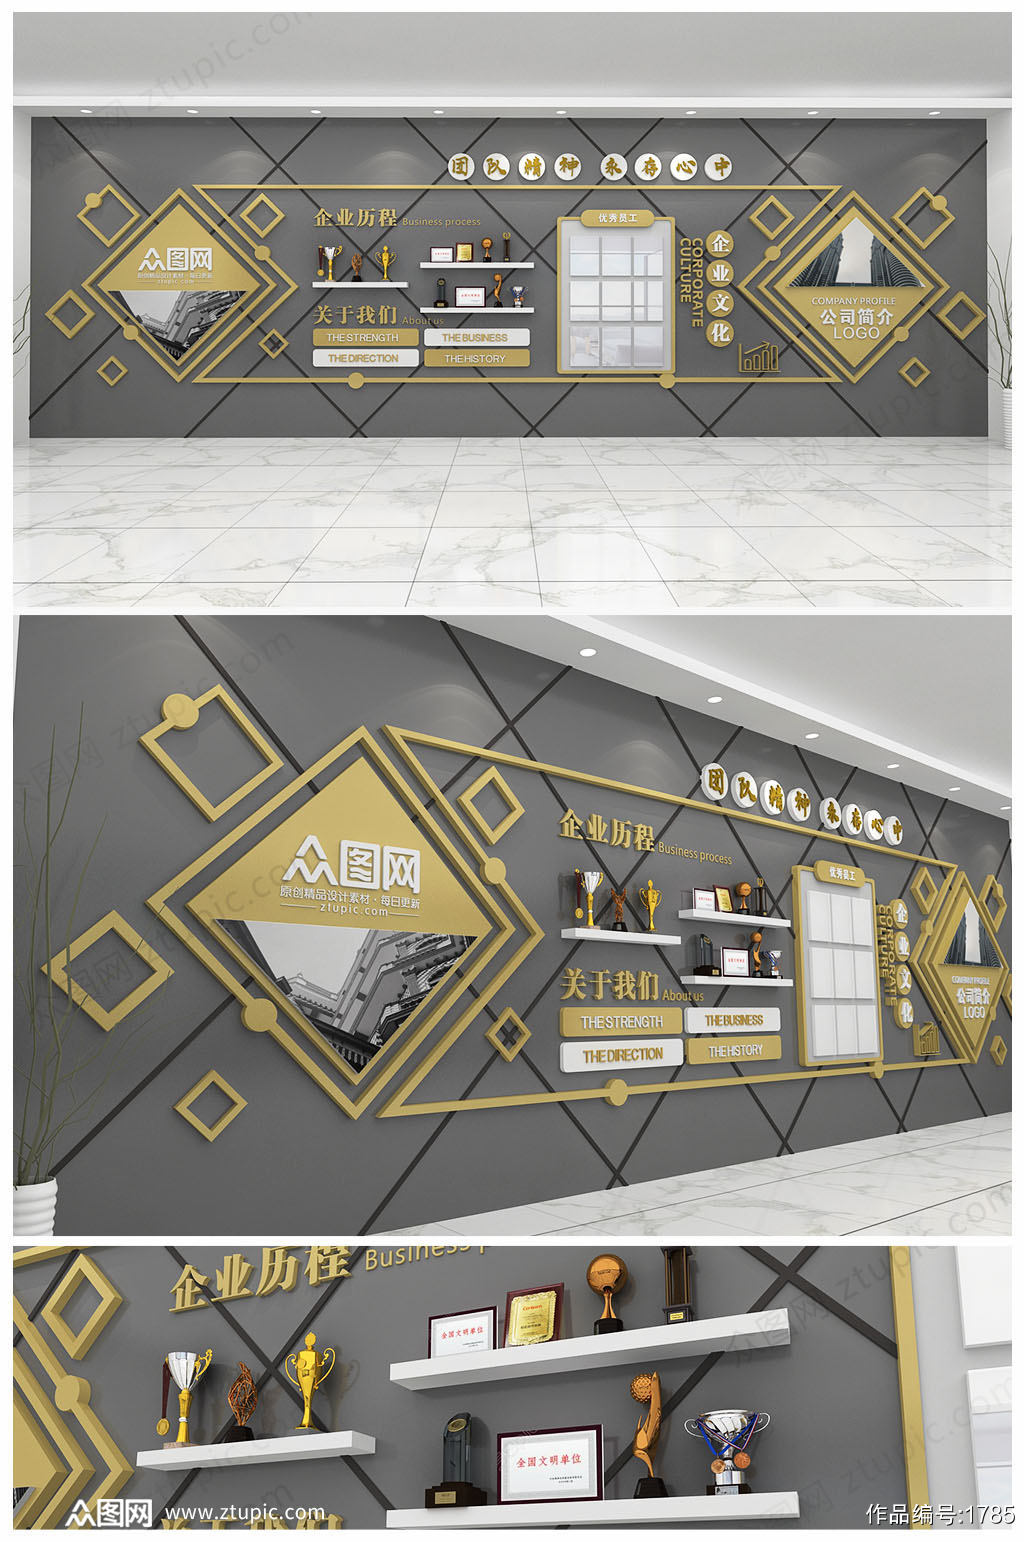 通用简洁企业历程办公形象墙立体企业文化墙素材